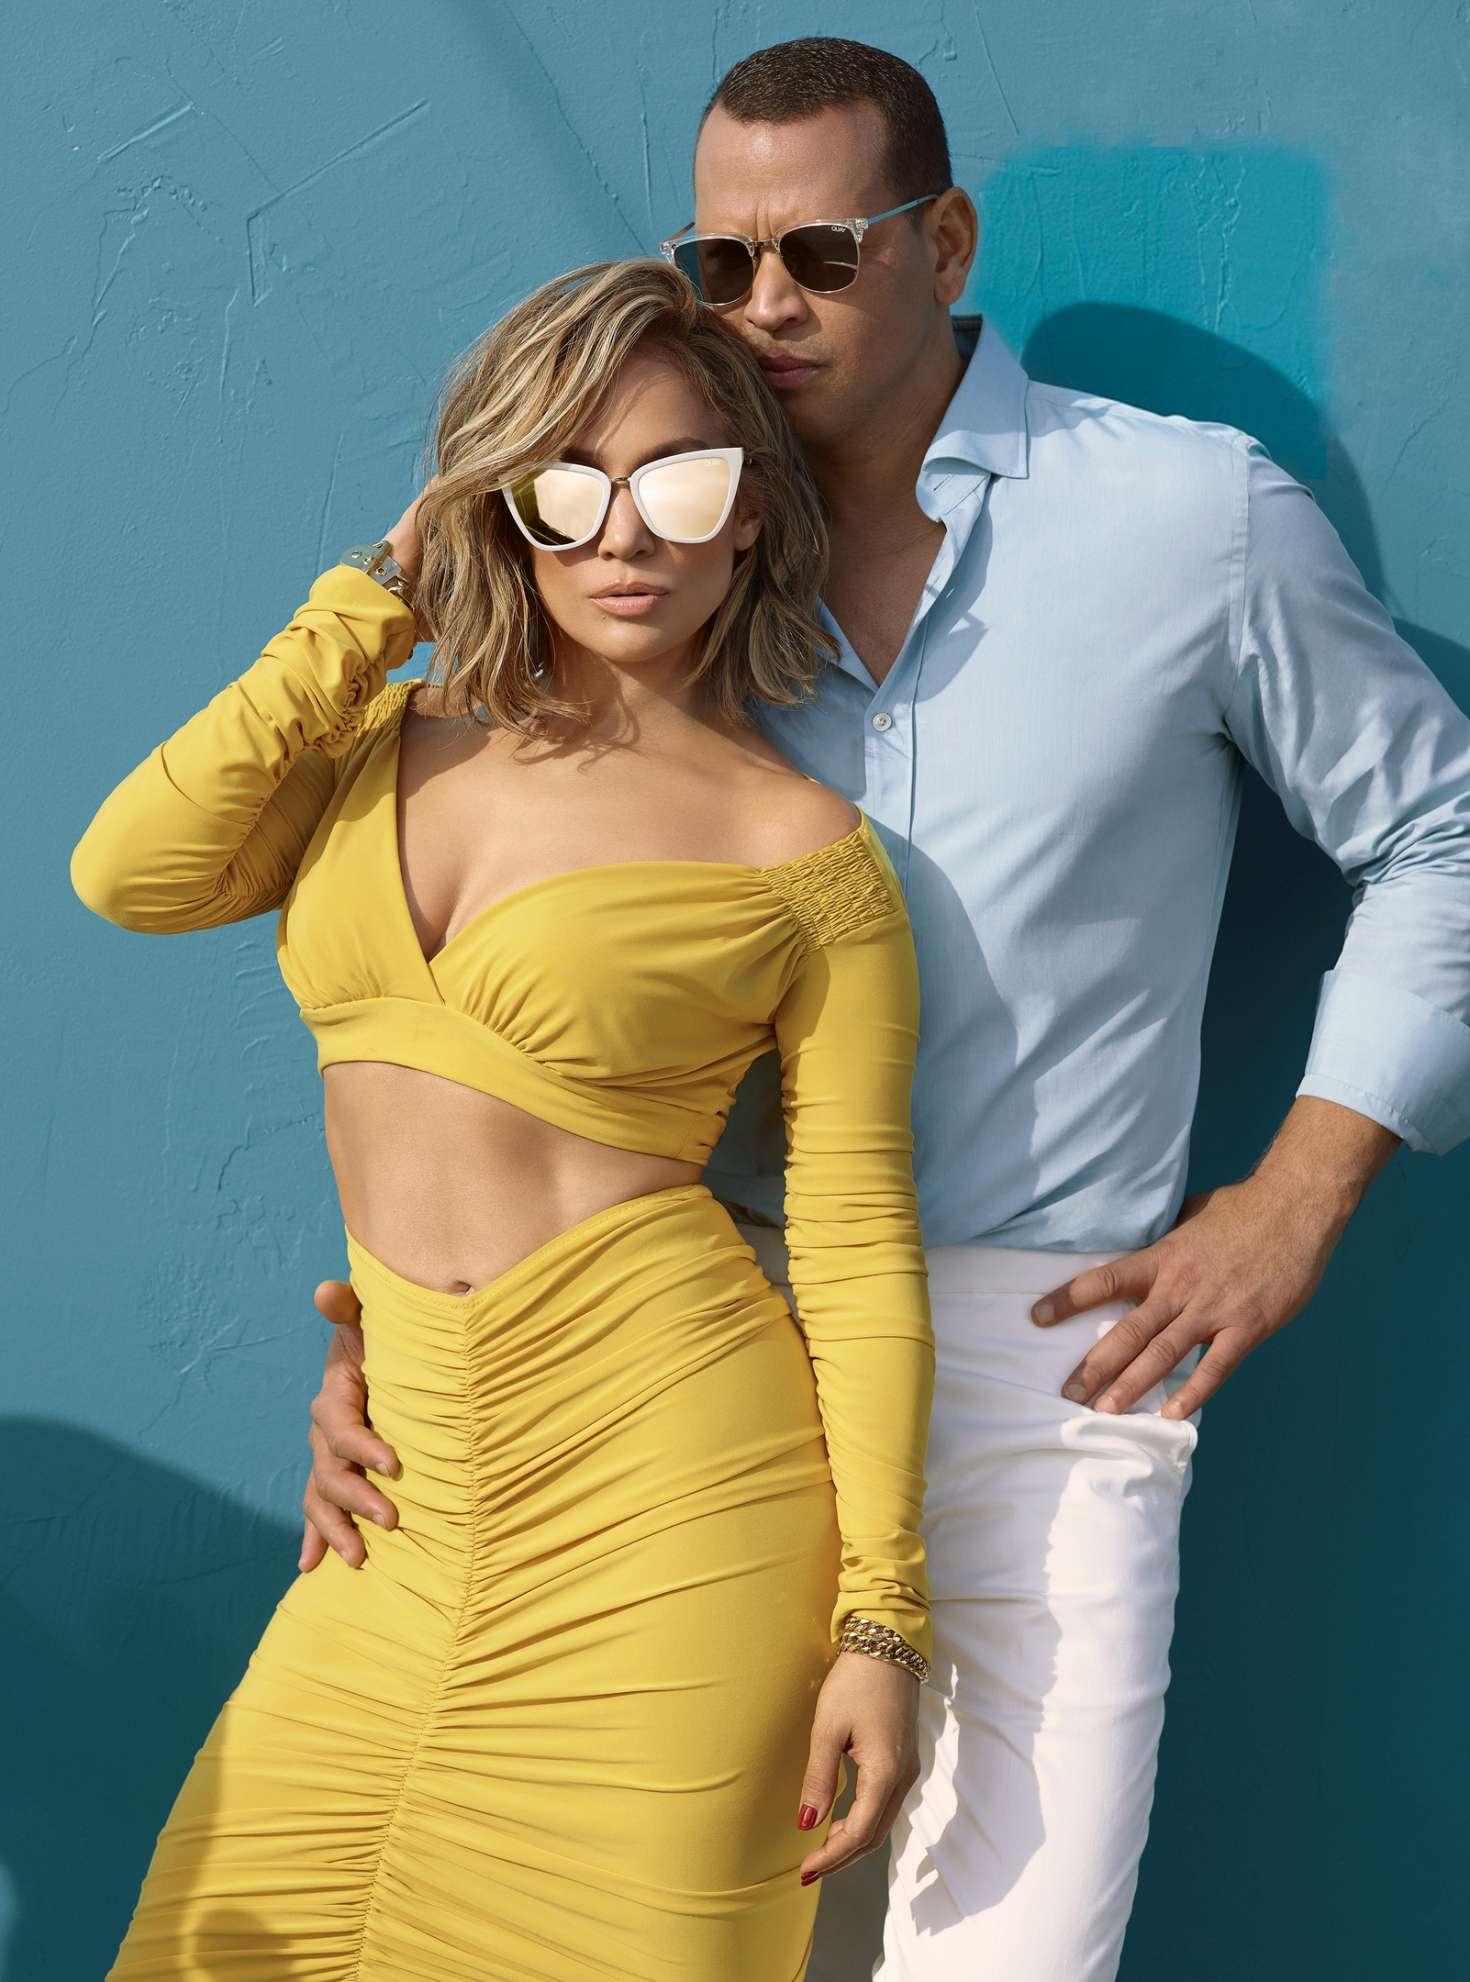 Jennifer Lopez 2019 : Jennifer Lopez: QUAY x JLO AND AROD Campaign 2019 -04